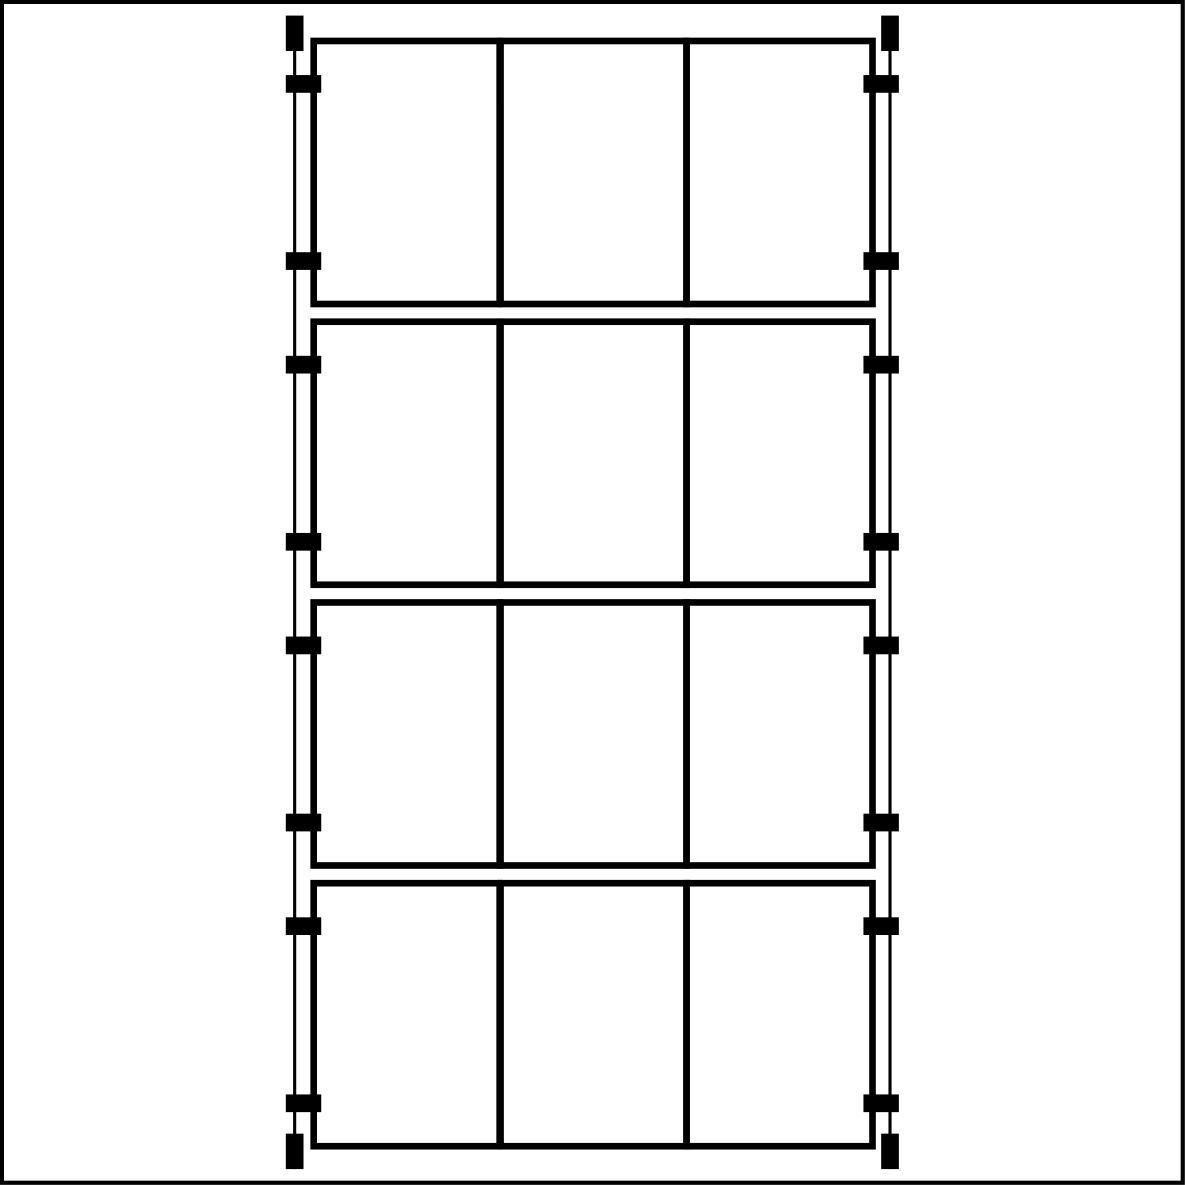 Espositori da vetrina con 3 tasche verticali in formato A4, con supporto a filo, 4 pezzi Plasticraft Displays Ltd